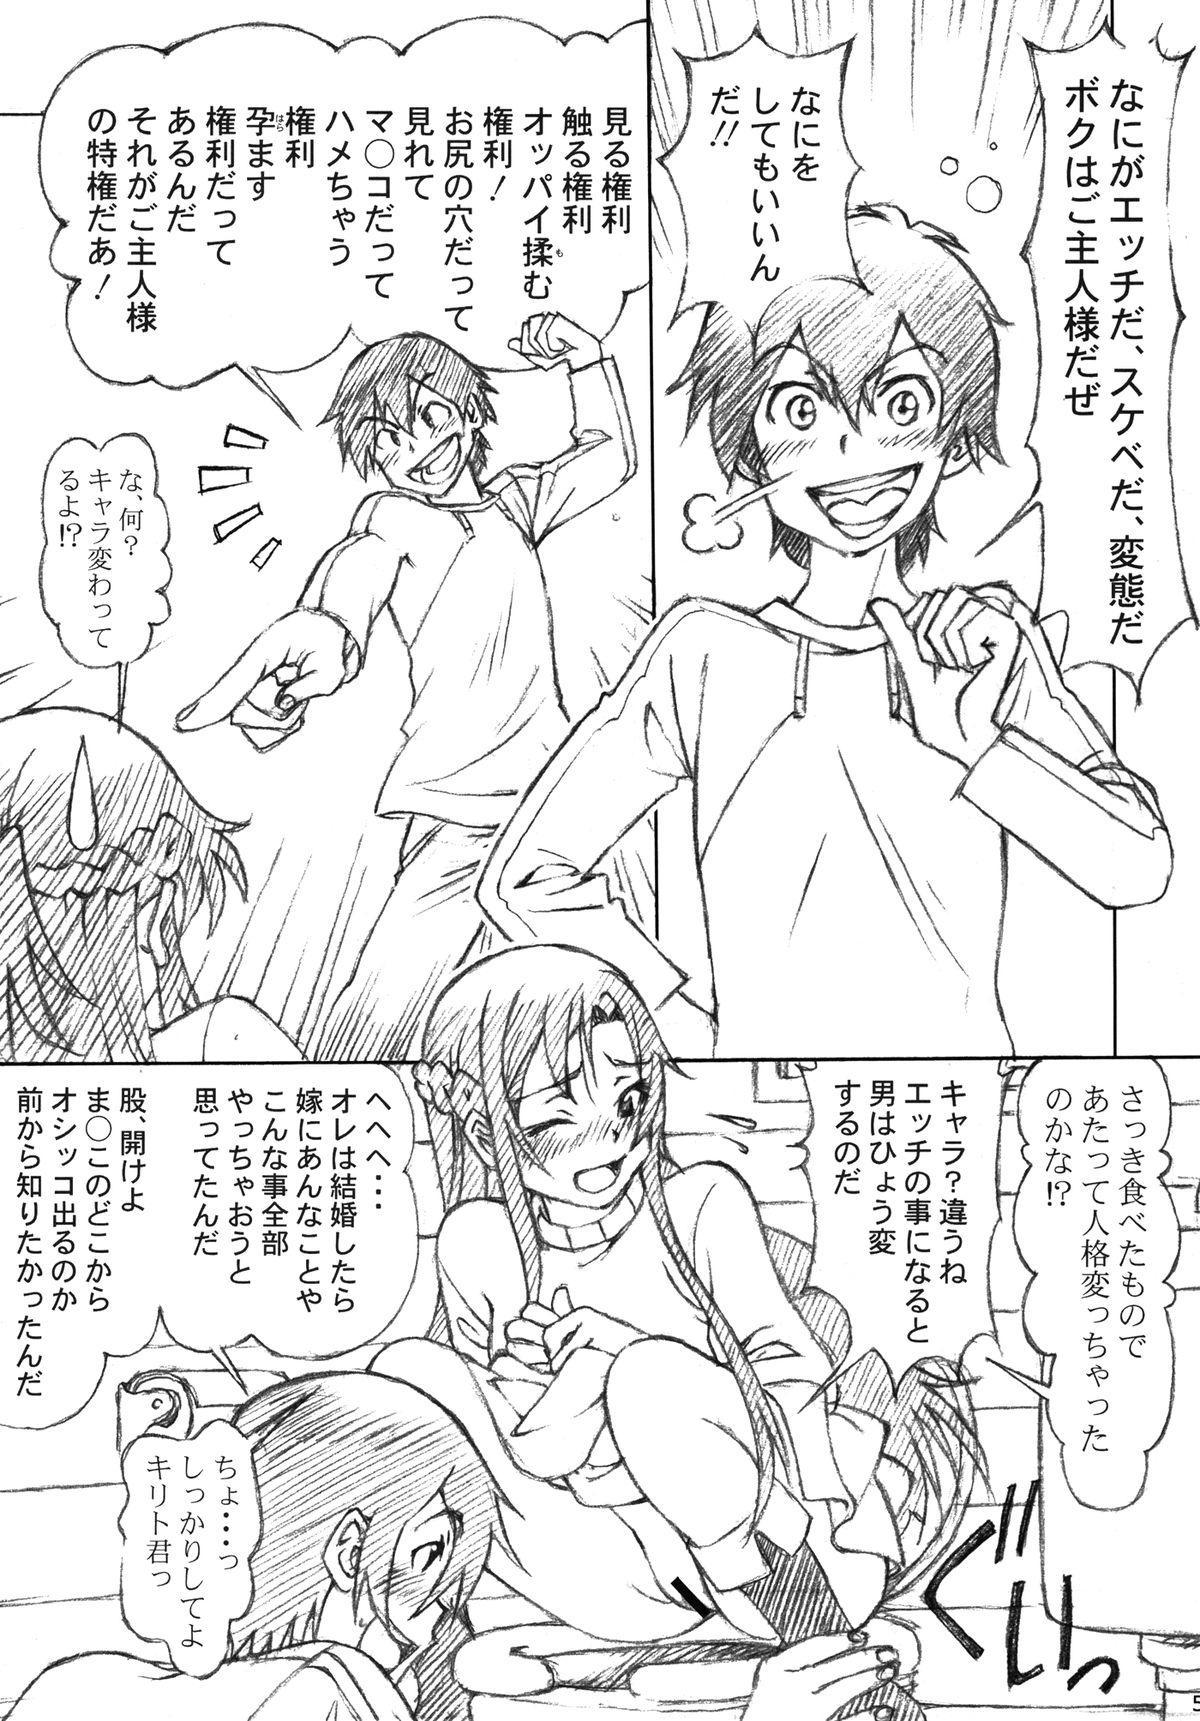 Asuna to Kirito no Icha Love Teki Shinkon Seikatsu 4